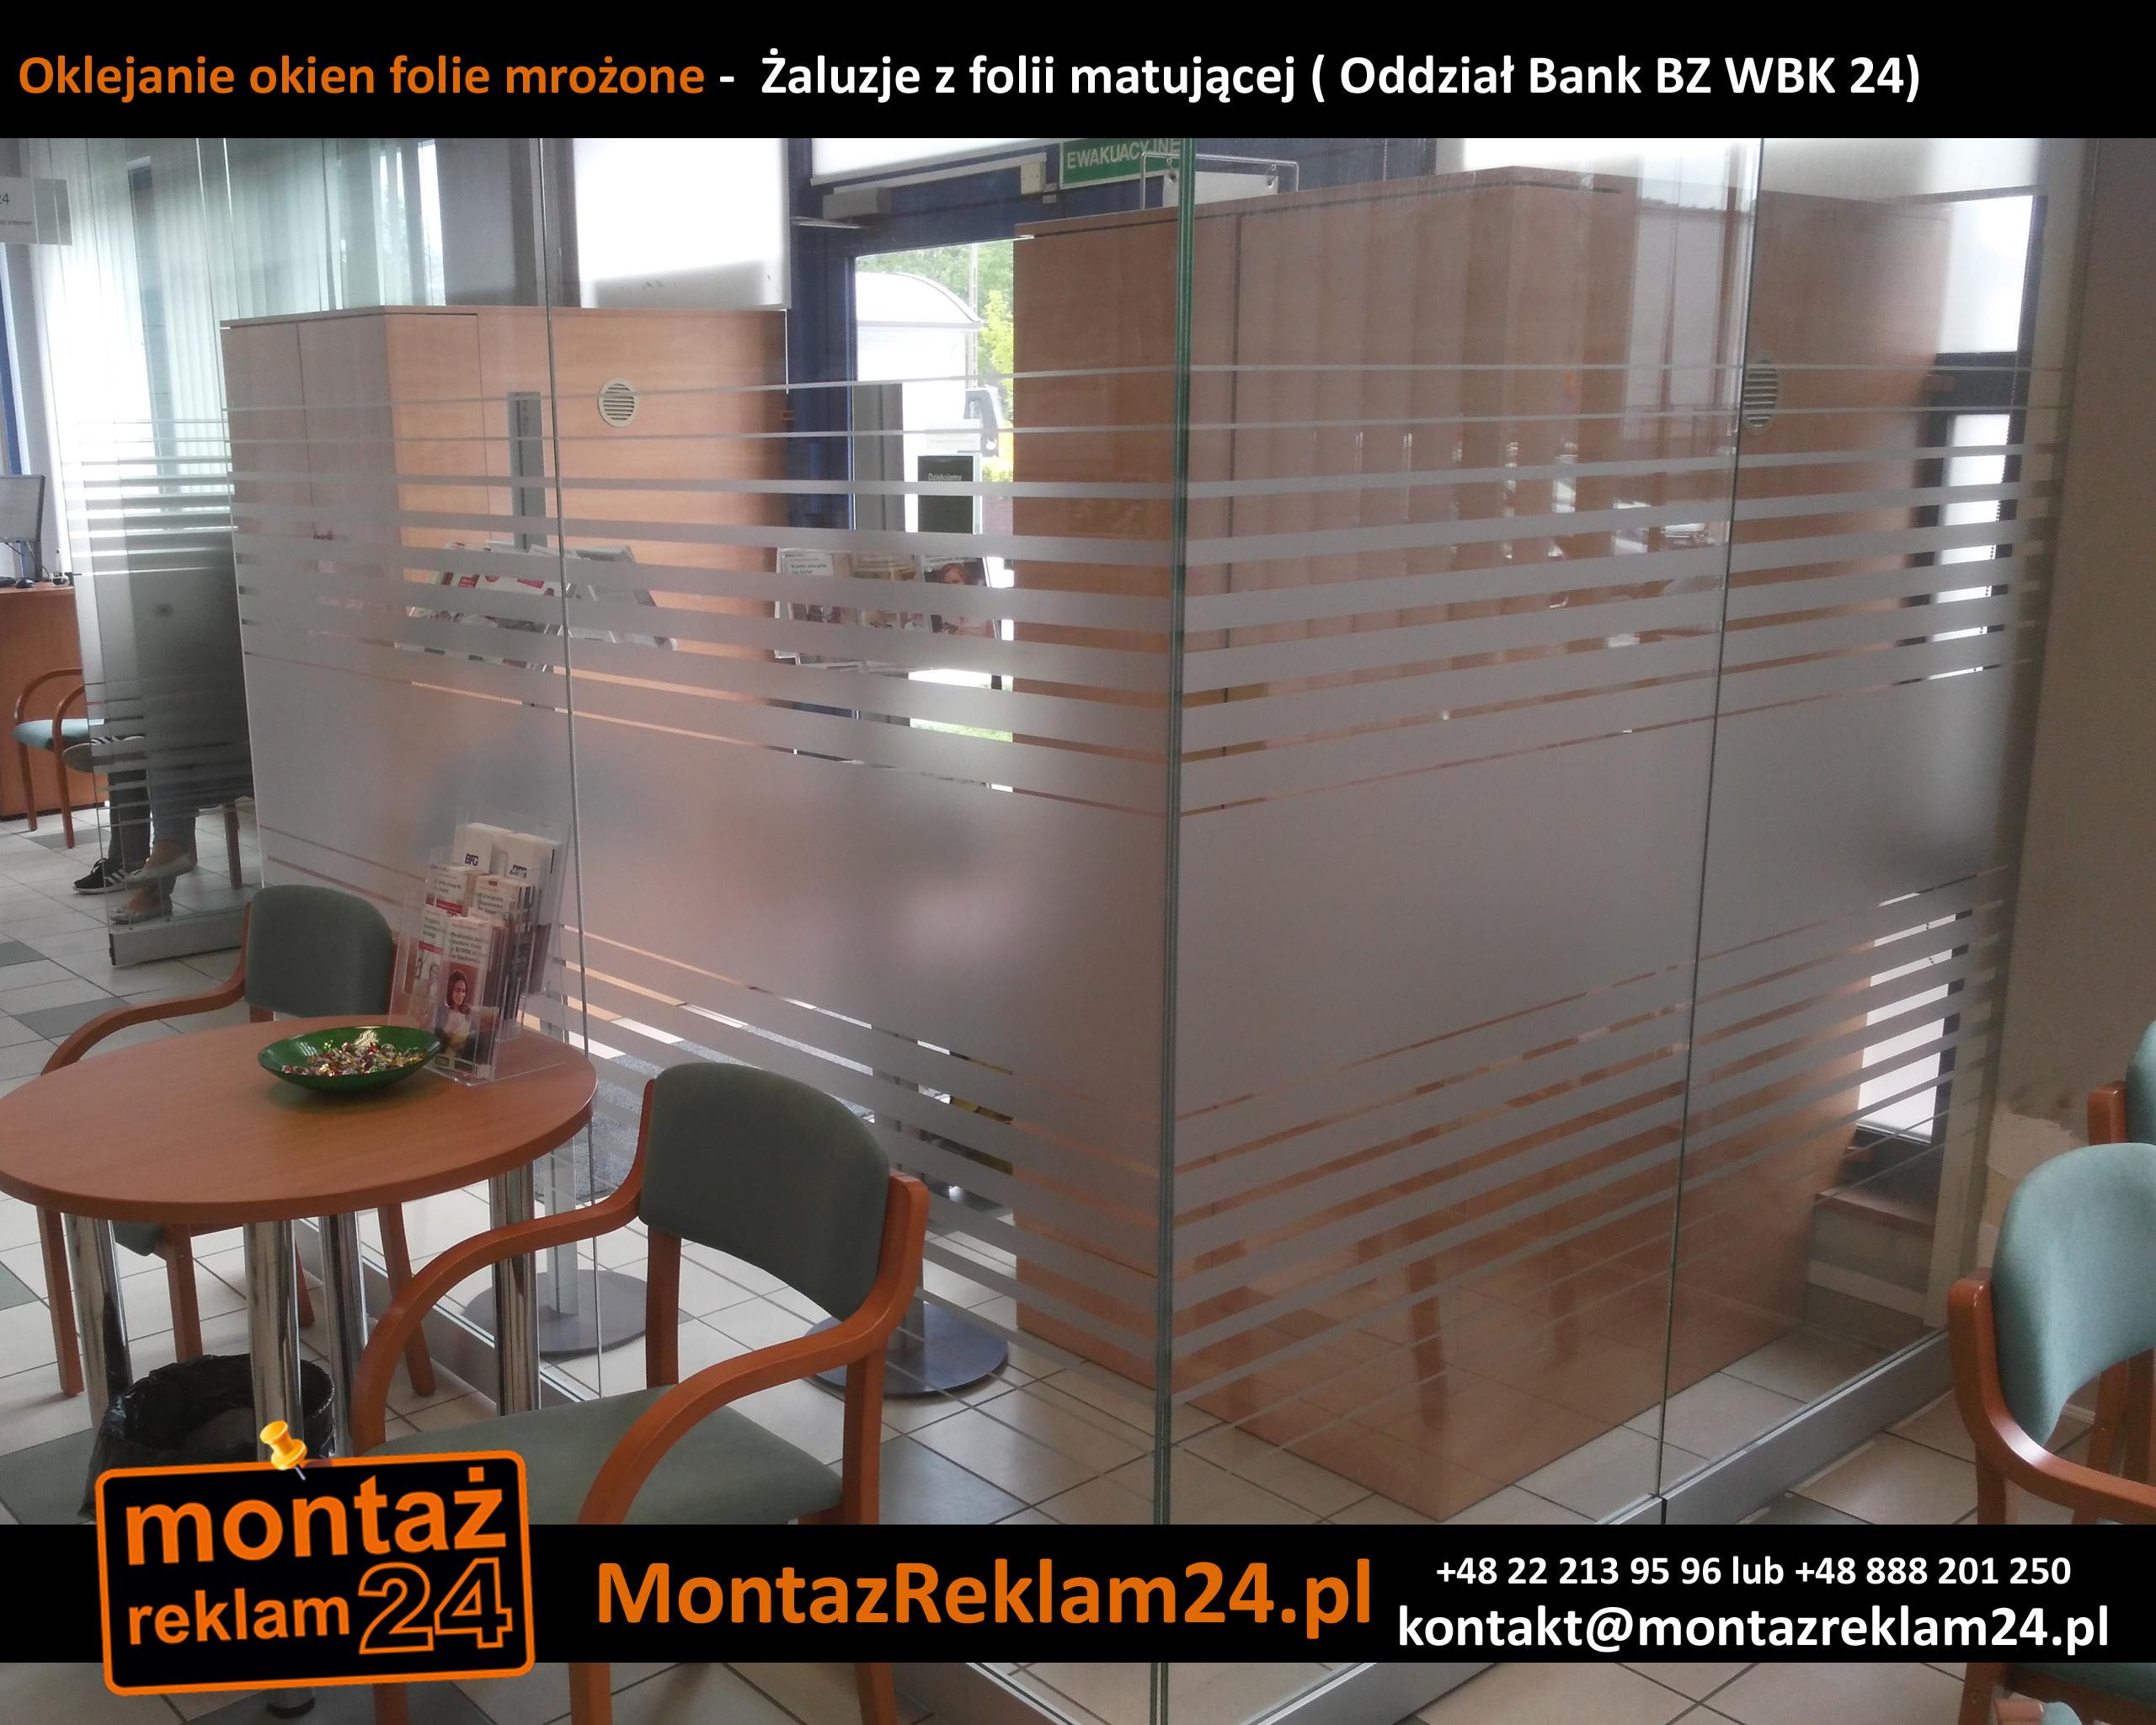 Oklejanie okien folie mrożone -  Żaluzje z folii matującej ( Oddział Bank BZ WBK 24).jpg